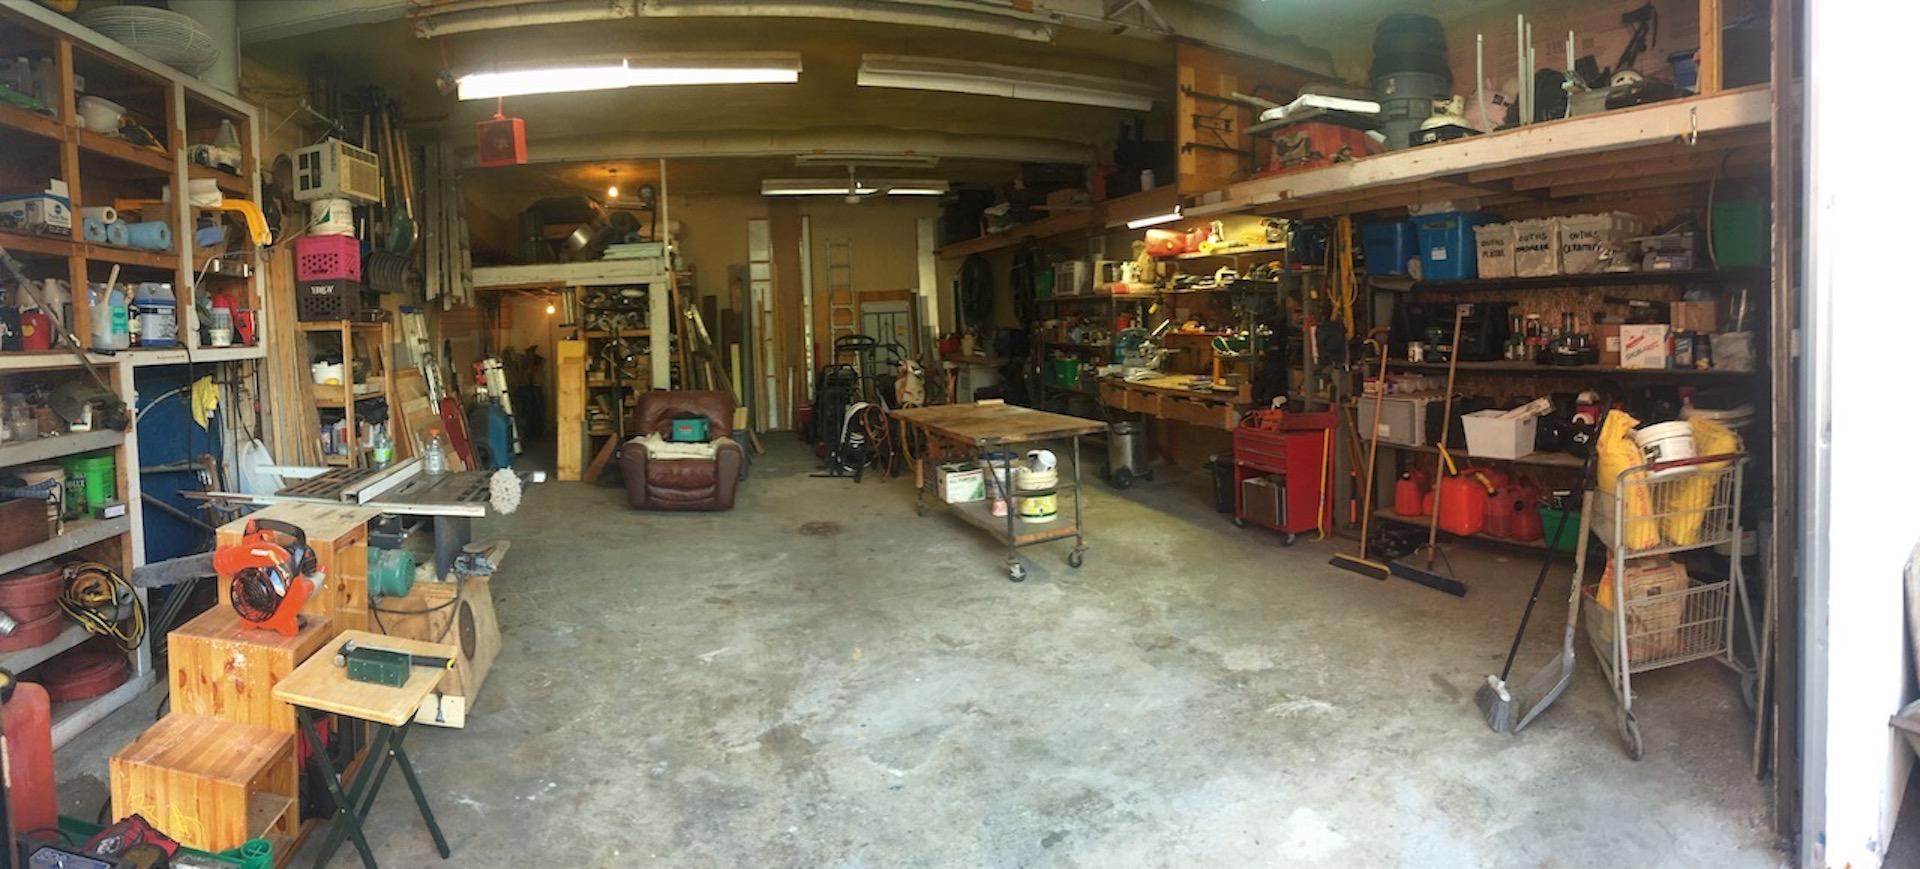 Notre entrepôt d'homme à tout faire dans l'est de Montréal. Le lieu de départ pour vous servir !